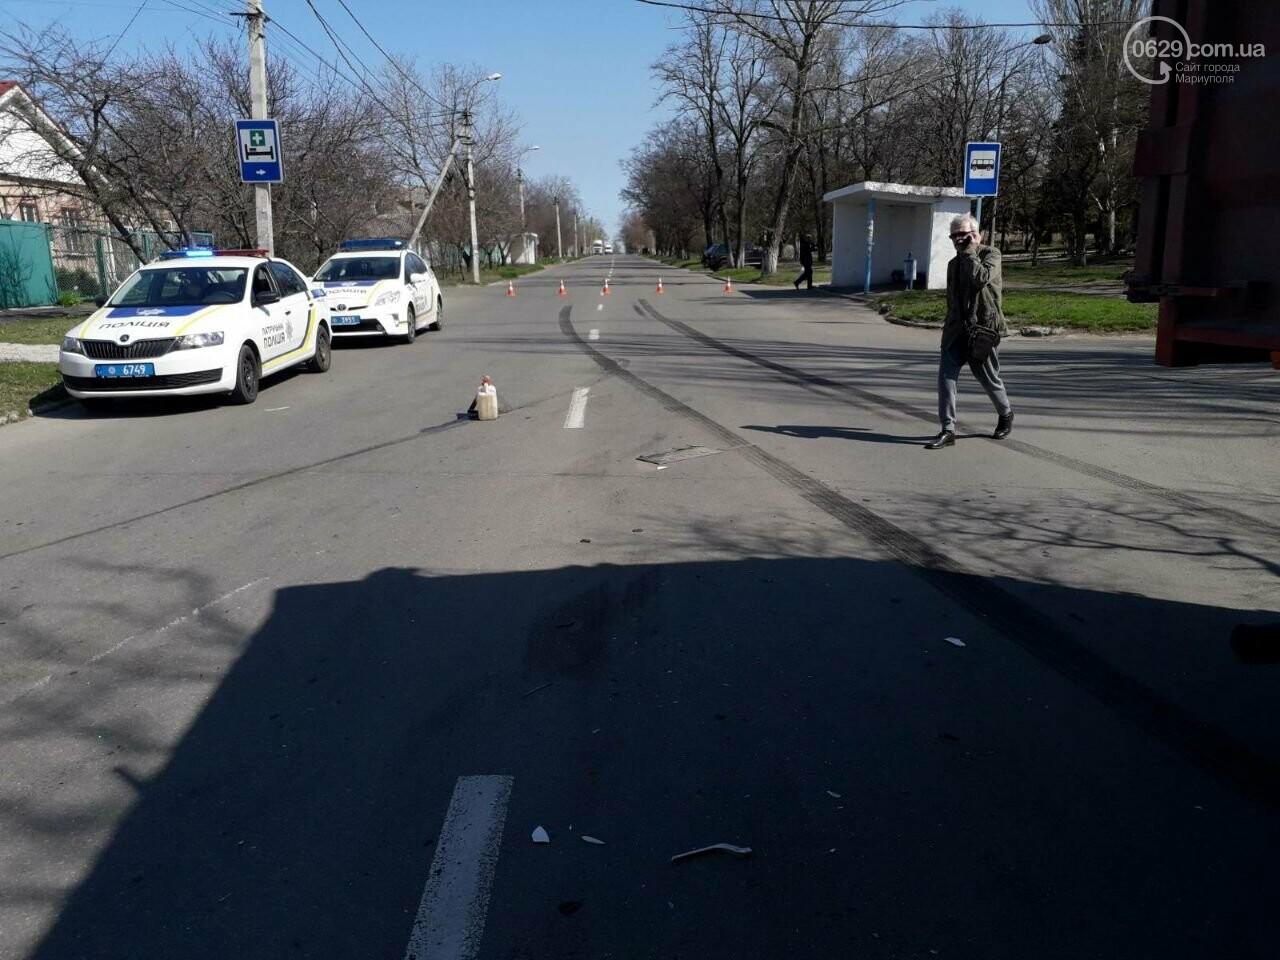 Тройное ДТП с пострадавшими. В Мариуполе столкнулись две легковушки и грузовик,  - ФОТО, фото-8